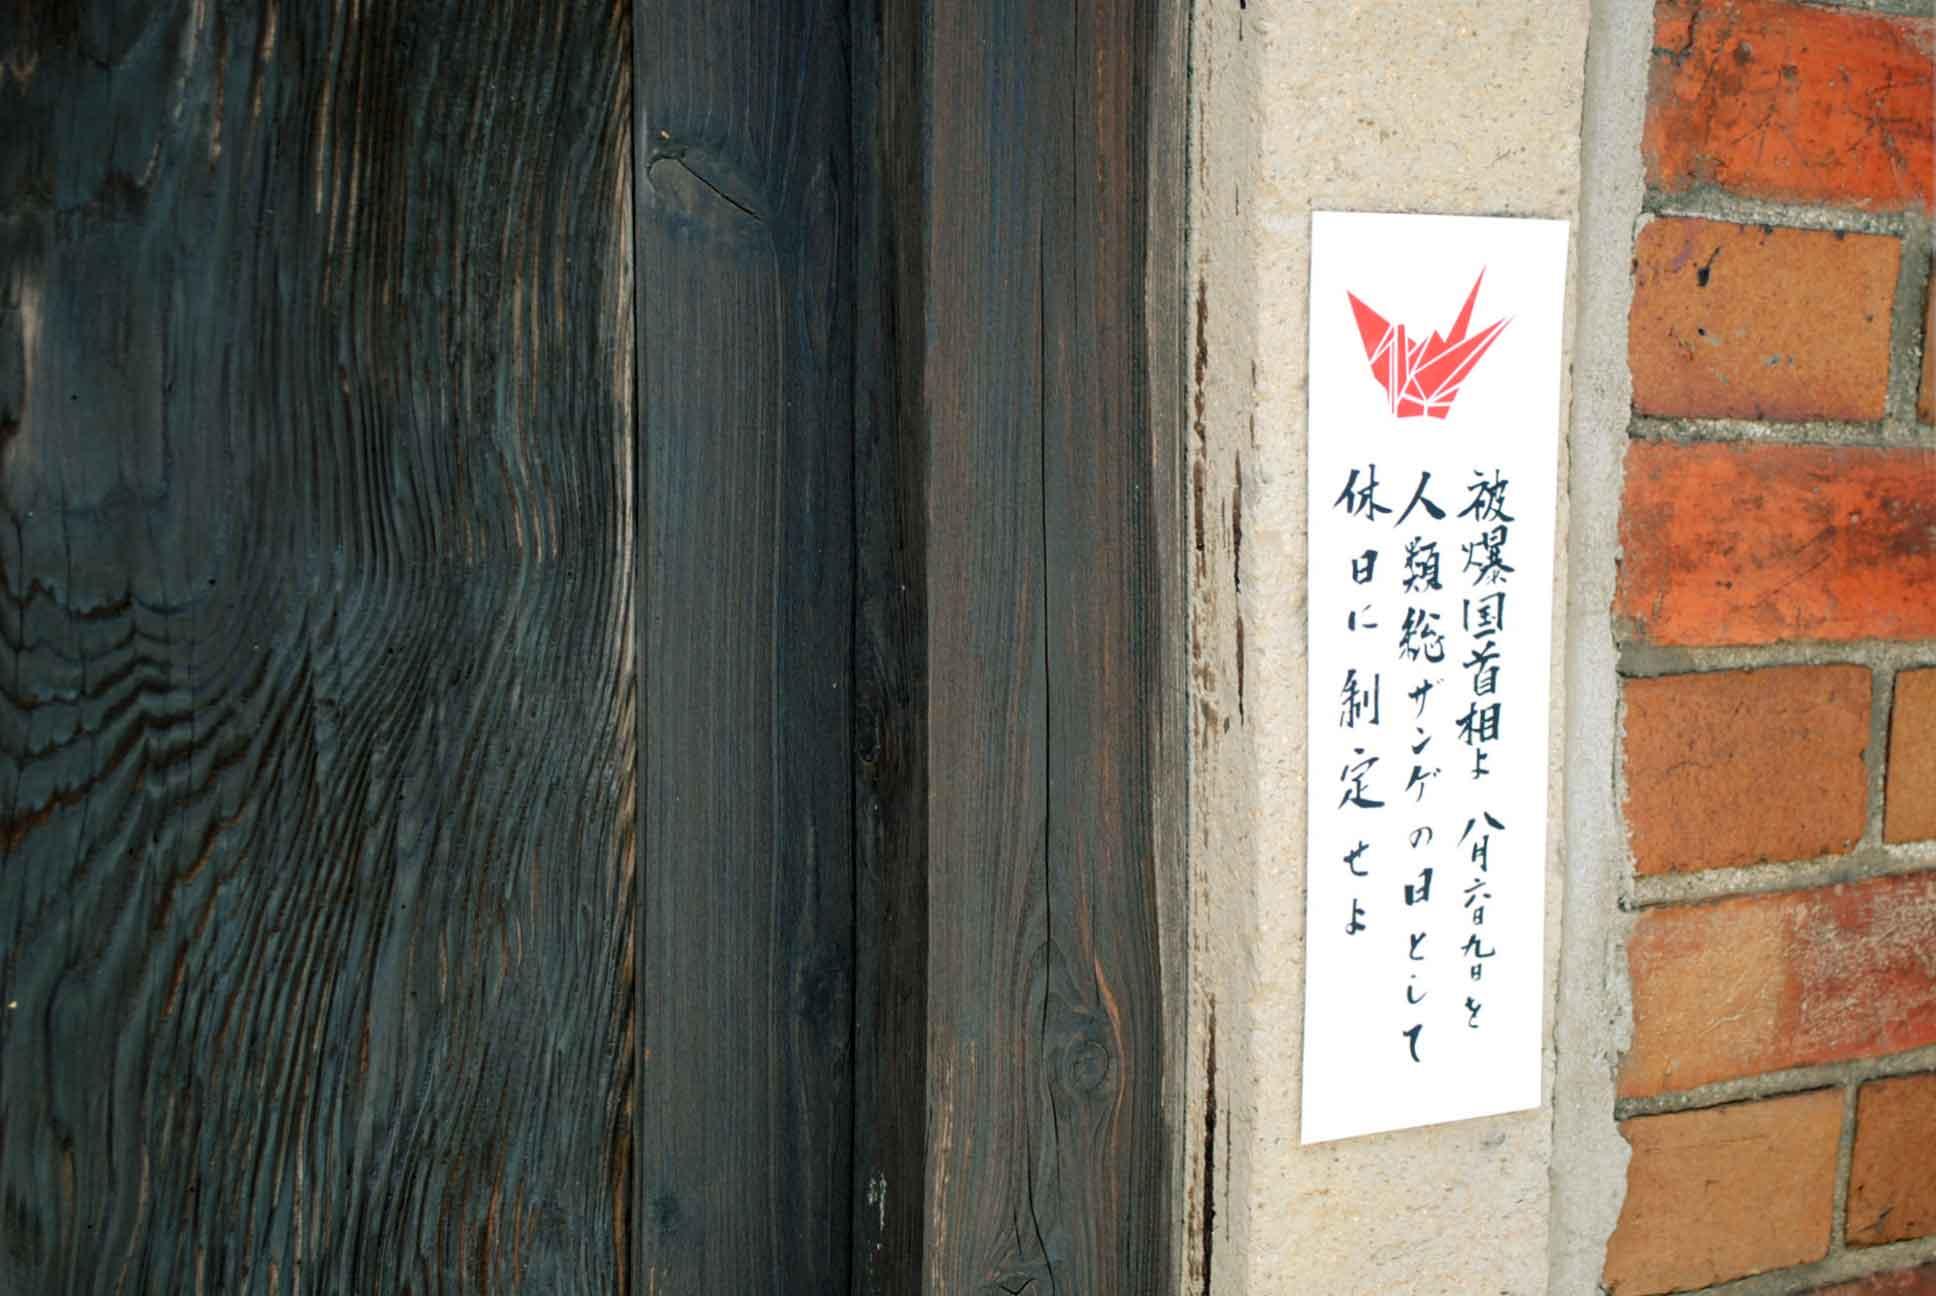 nagasa.jpg